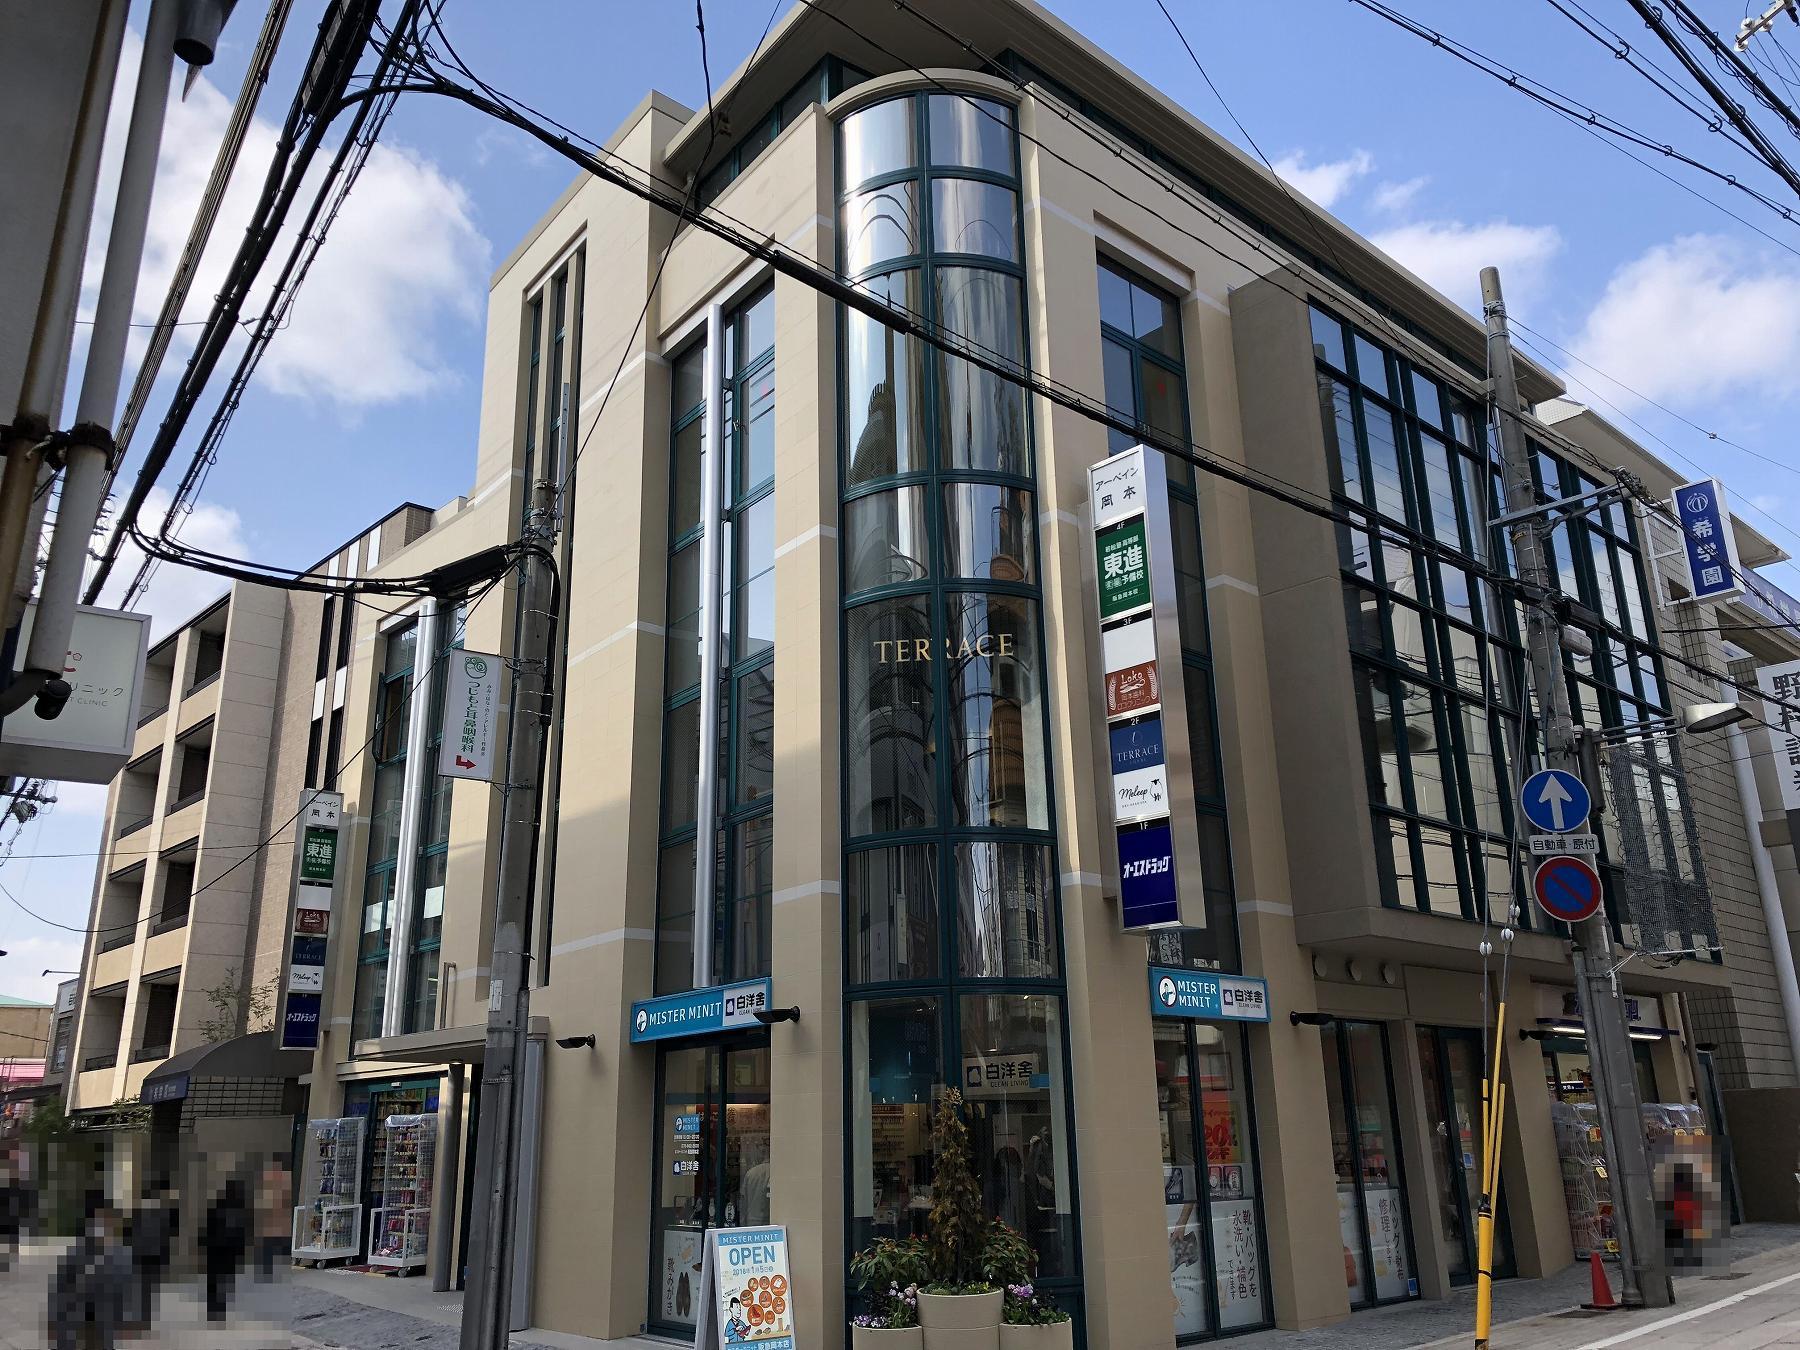 神戸・岡本商店街の「 #アーベイン岡本 」に「オーエスドラッグ岡本店」が新規オープしたよ! #阪急岡本 #オーエスドラッグ #新規オープン